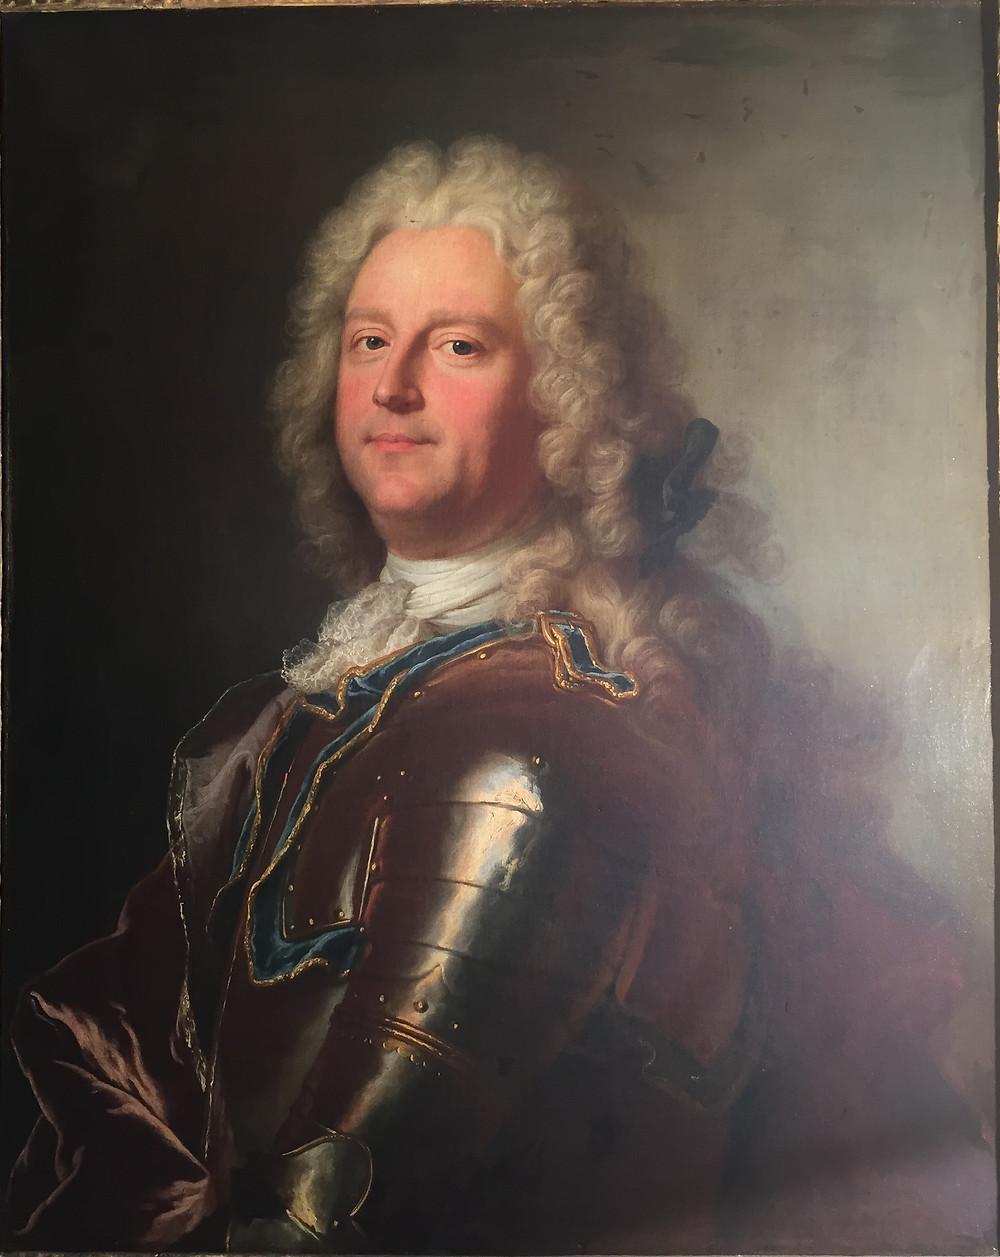 Hyacinthe Rigaud et atelier, Portrait de François Asselin, chevalier de Frenelle, 1715, collection particulière